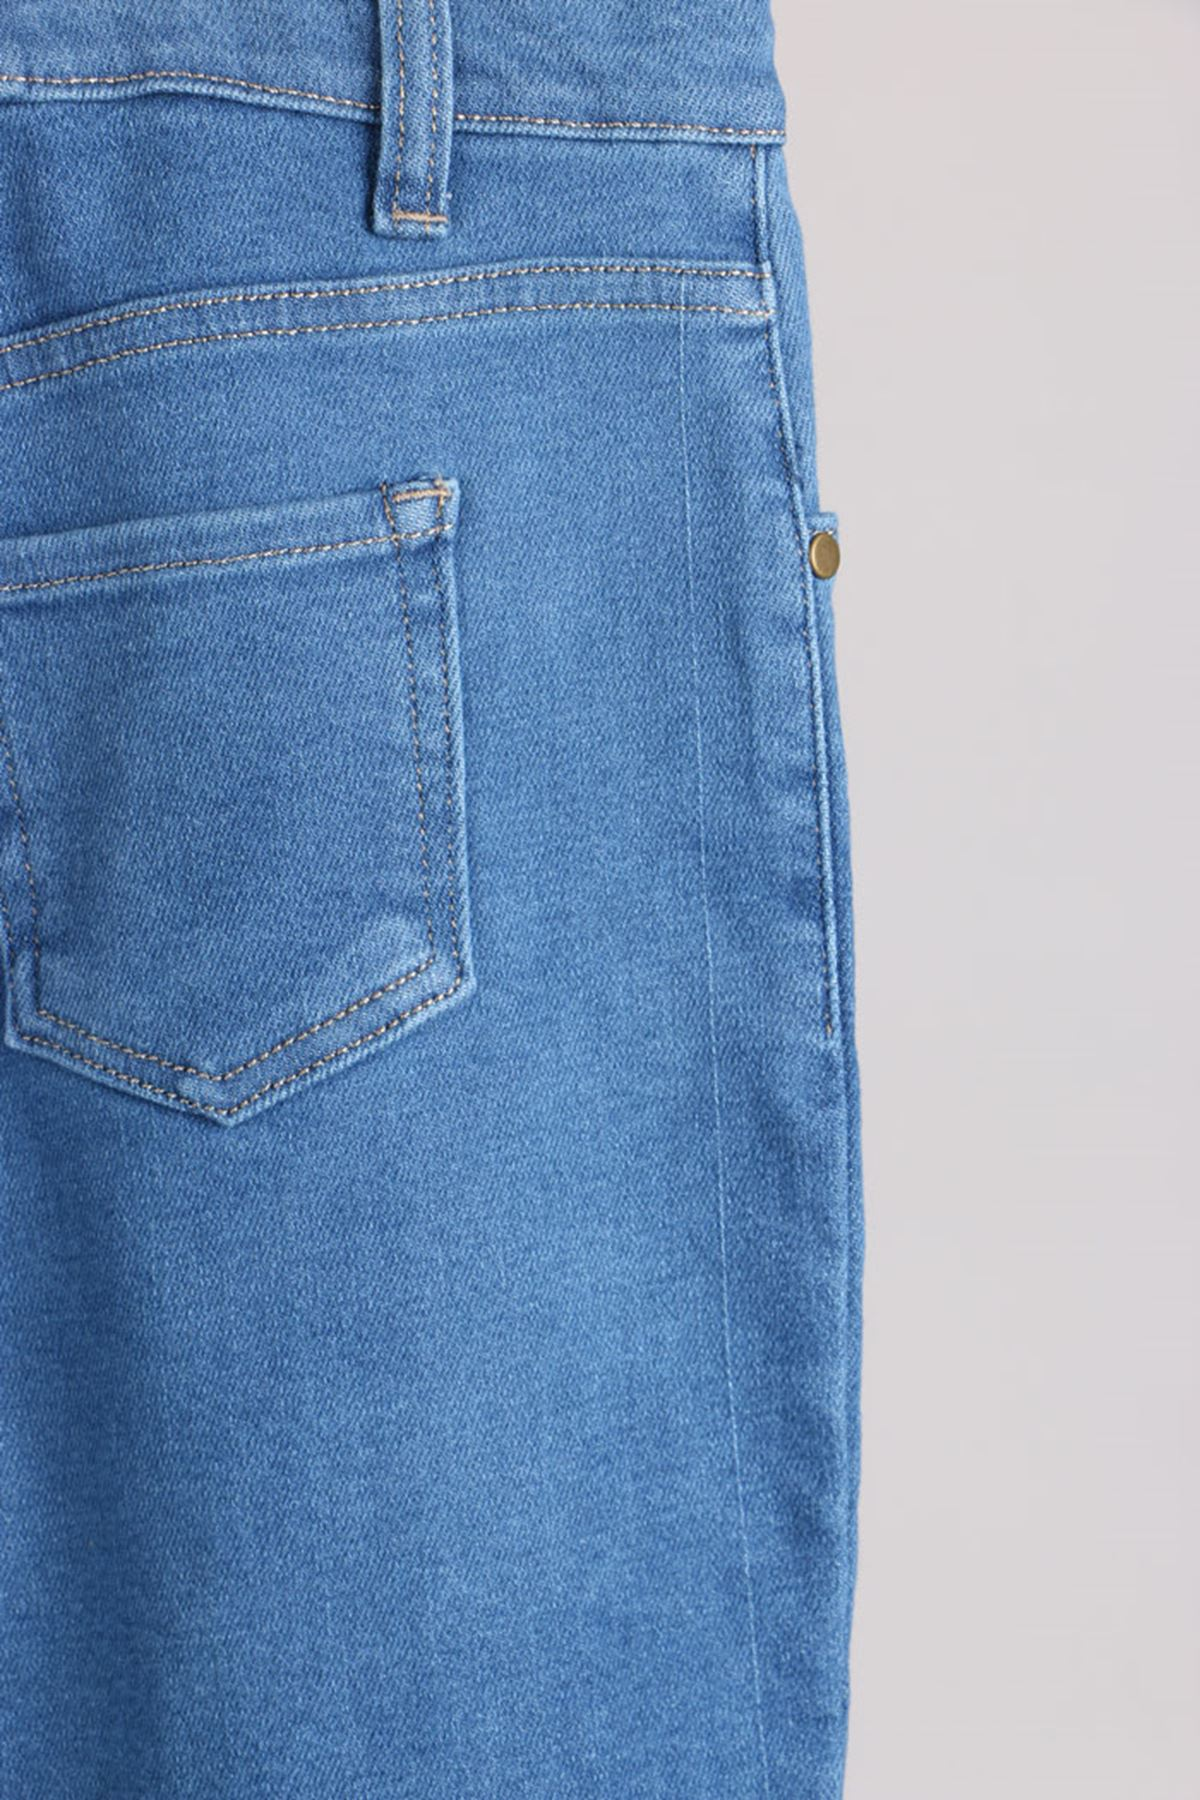 D-9125 Büyük Beden Defolu Boyfriend Kot Pantolon - Açık Mavi